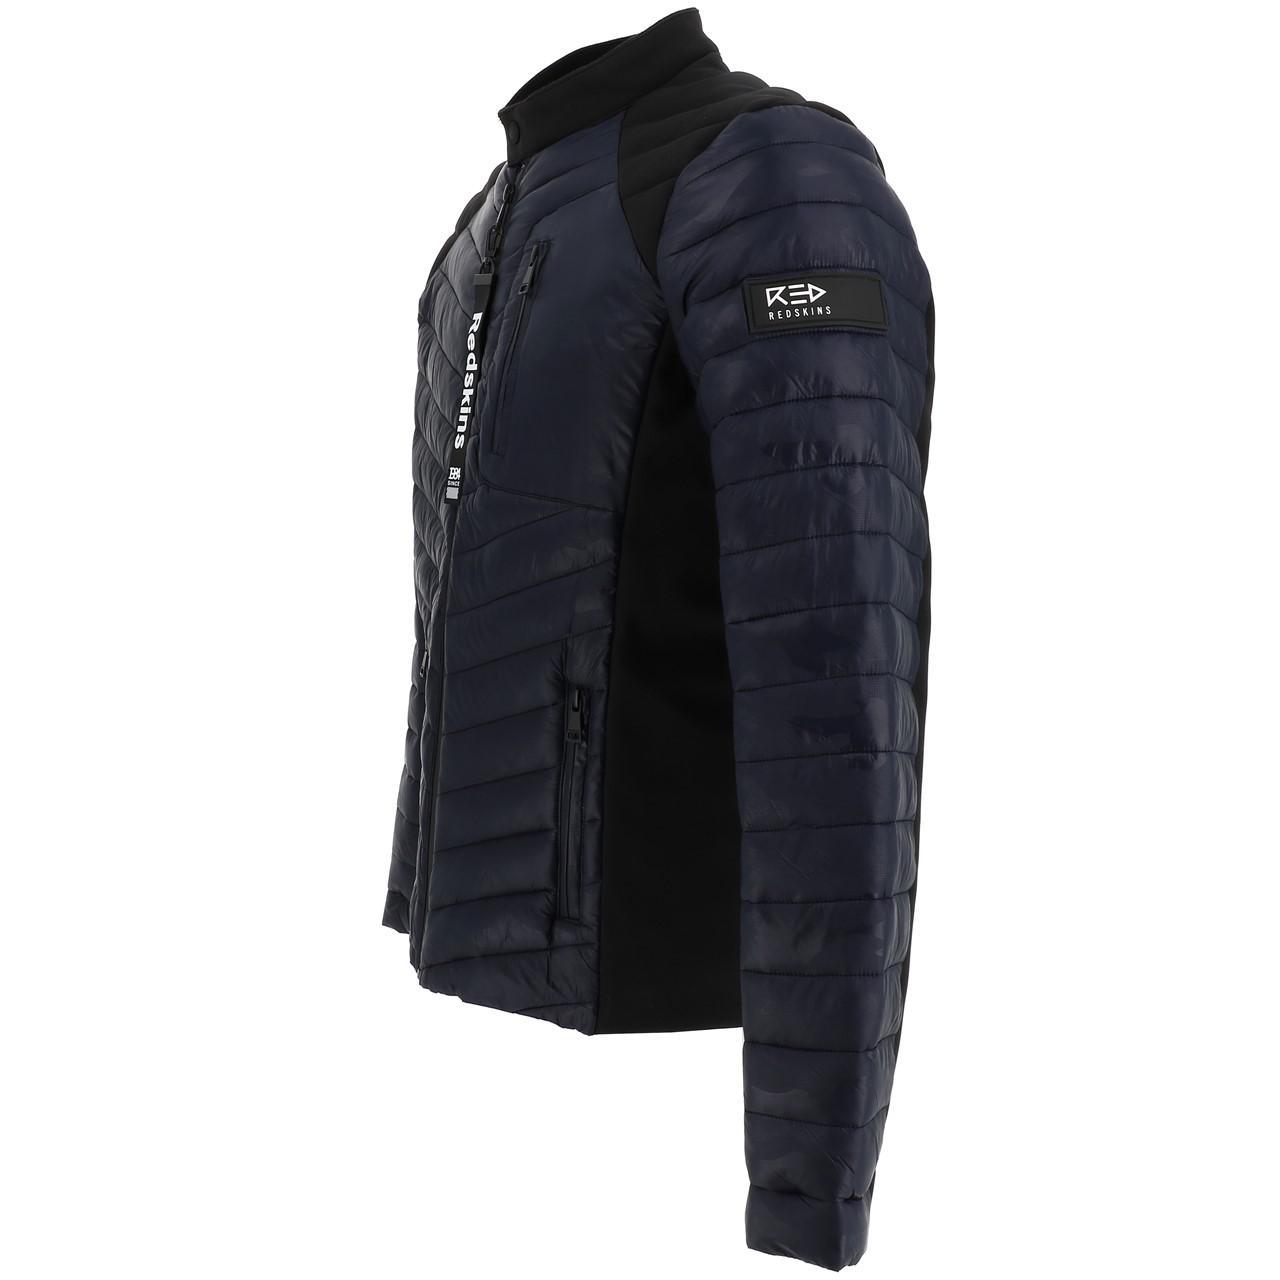 Jacke-Redskins-Heaven-Marineblau-Blk-Jacket-Blau-26281-Neu Indexbild 2